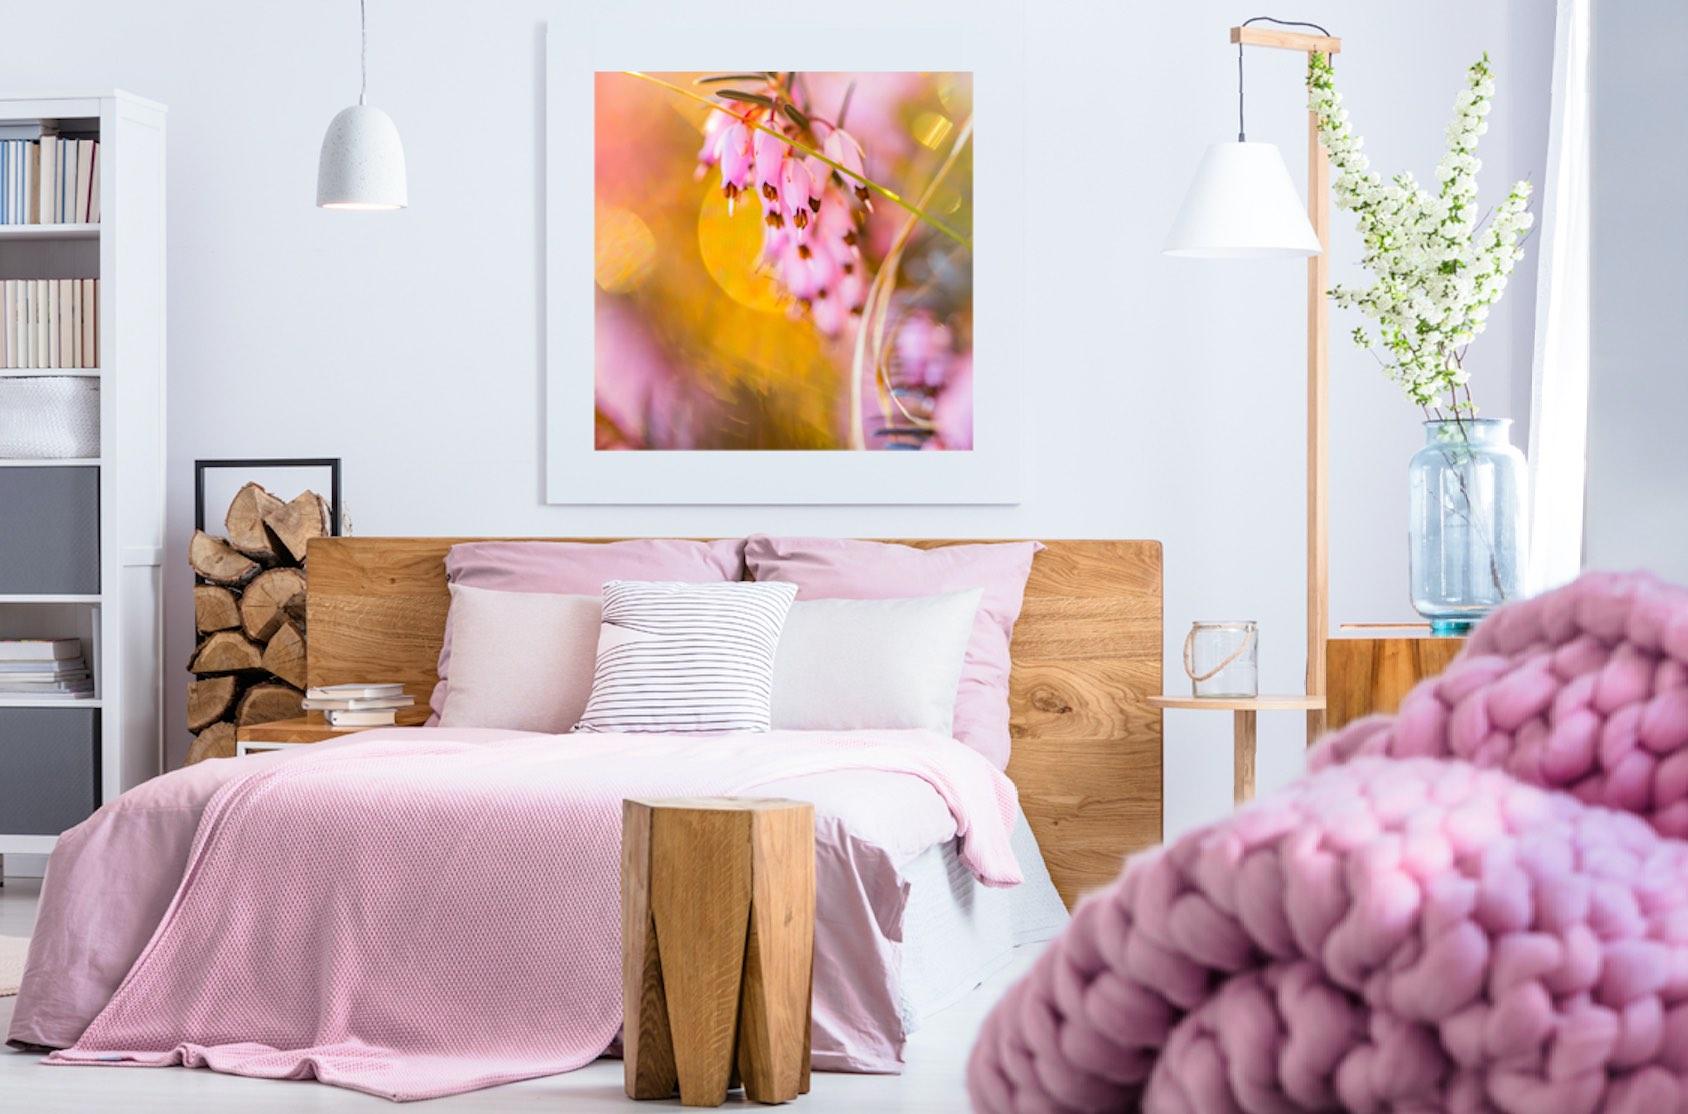 Schlafzimmer mit Bildern gestalten